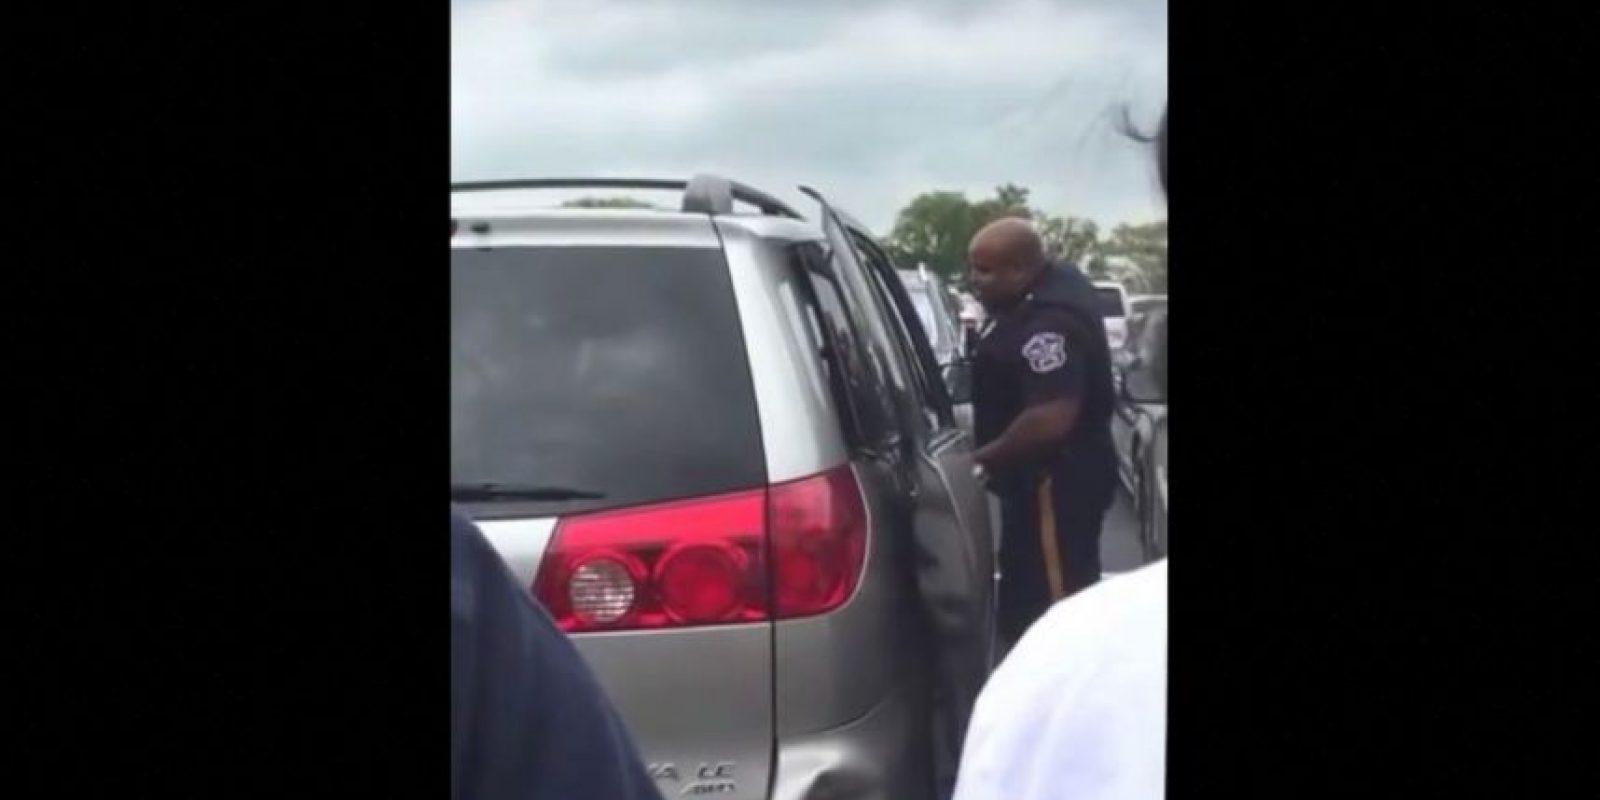 Una mujer de Nueva Jersey dejó a su pequeña de dos años encerrada en su camioneta mientras ella hacía compras Foto:Vía Youtube